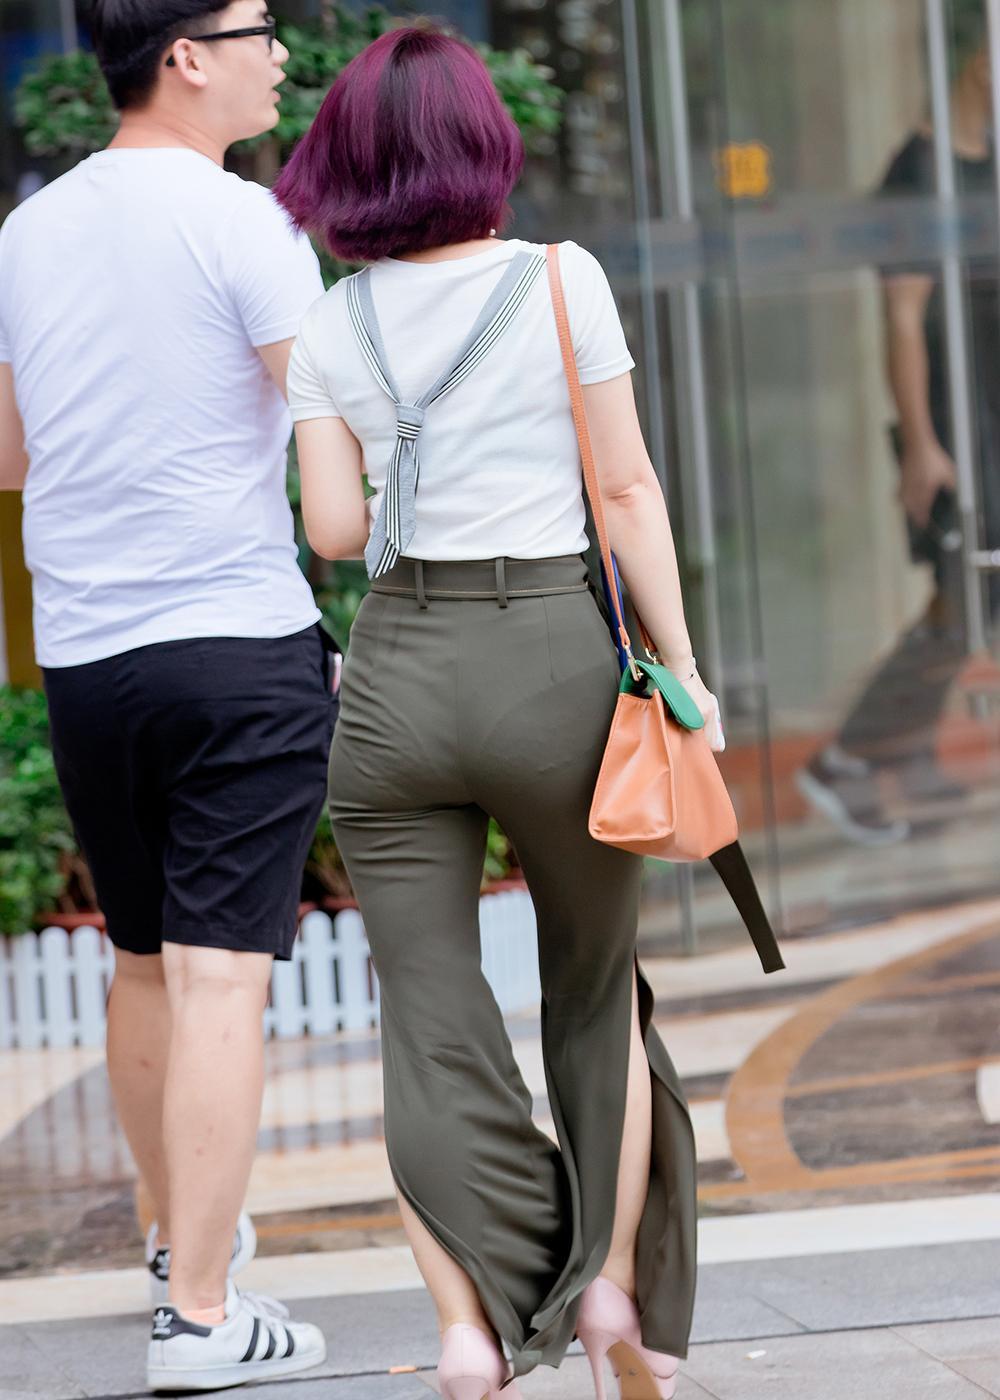 街拍客街拍第一站薄裤_推荐一个好的街拍网站